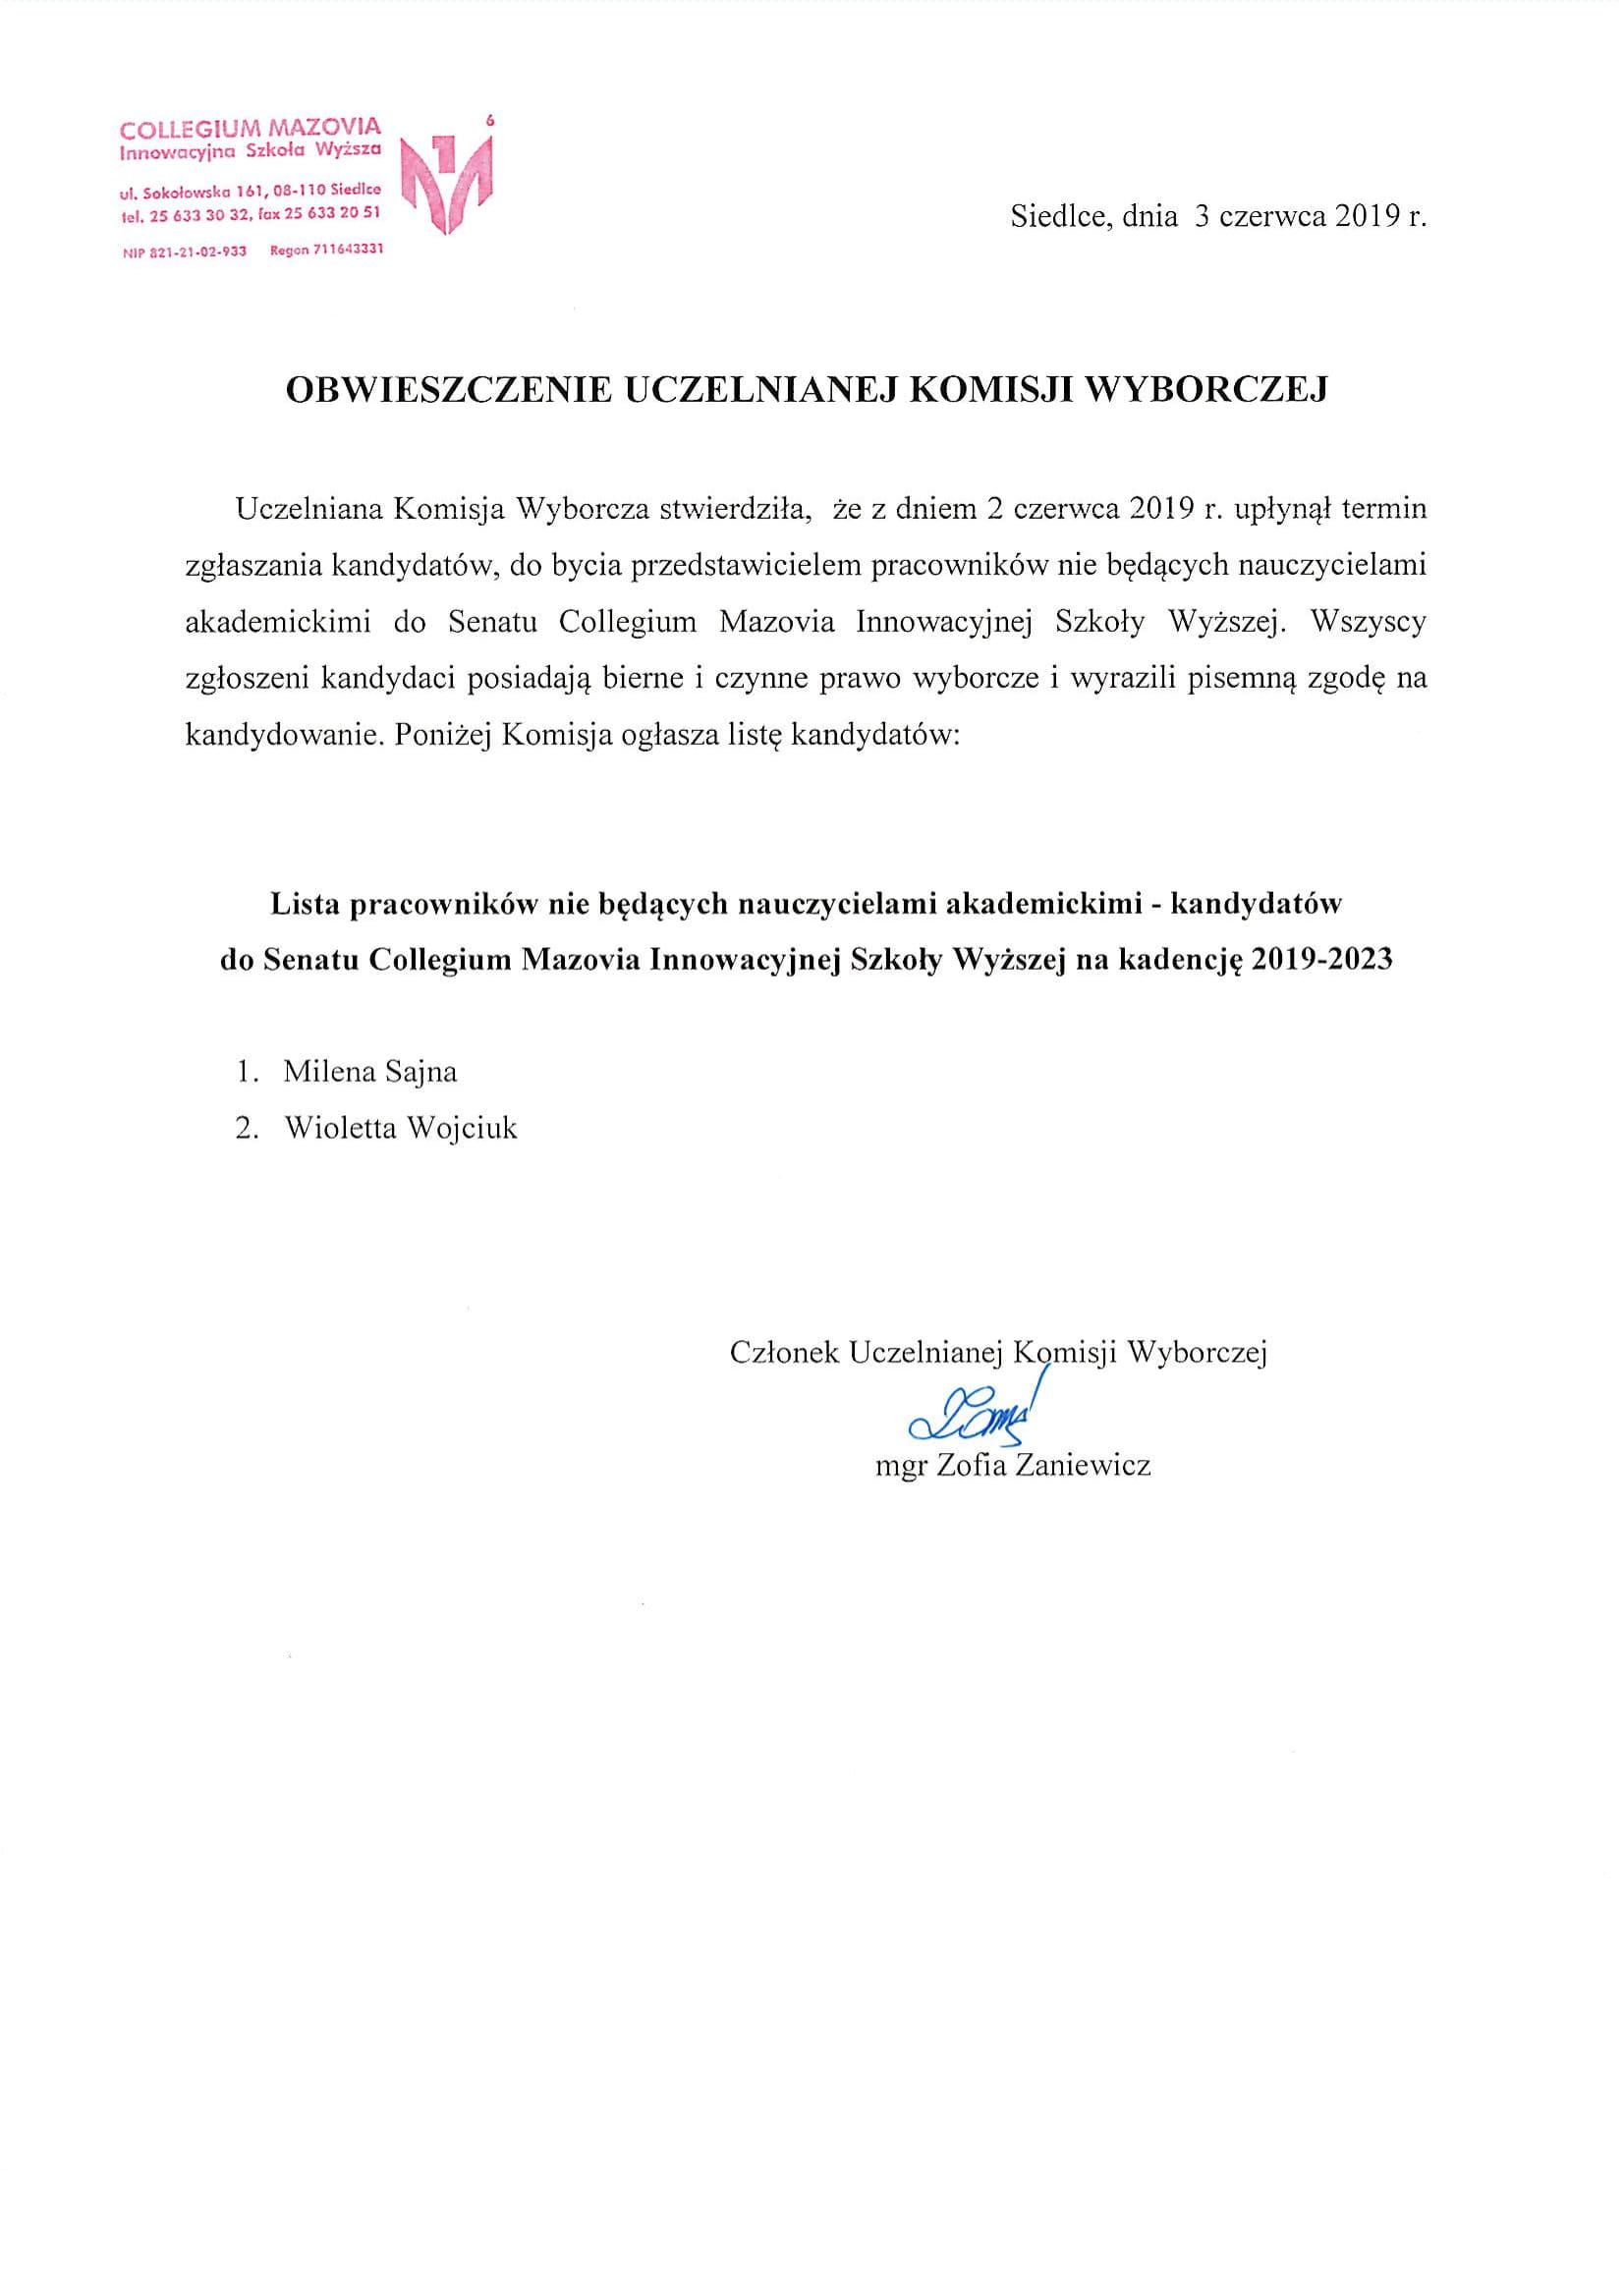 Obwieszczenie Uczelnianej Komisji Wyborczej 2-1